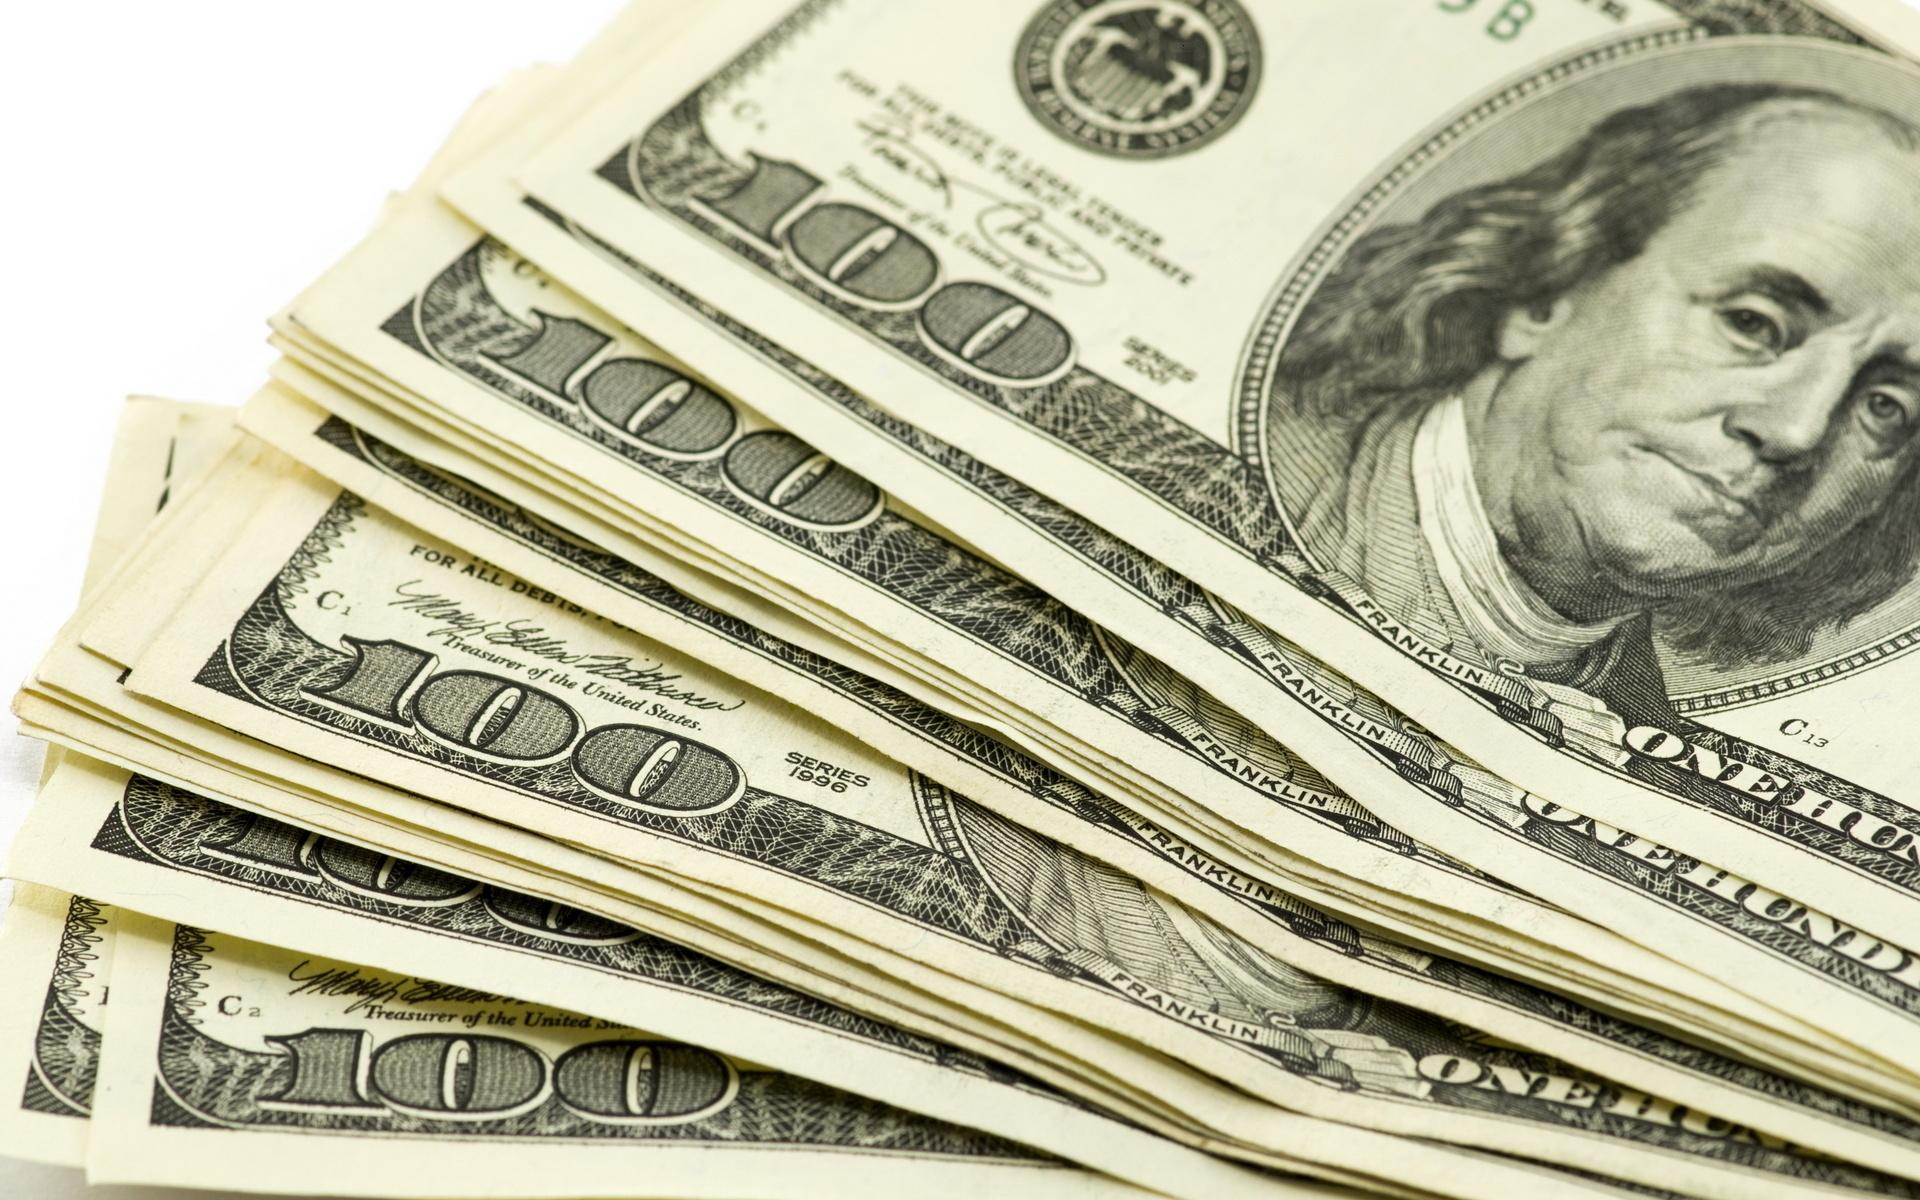 سرقت ۳۰ میلیارد دلاری آمریکا از داراییهای ونزوئلا